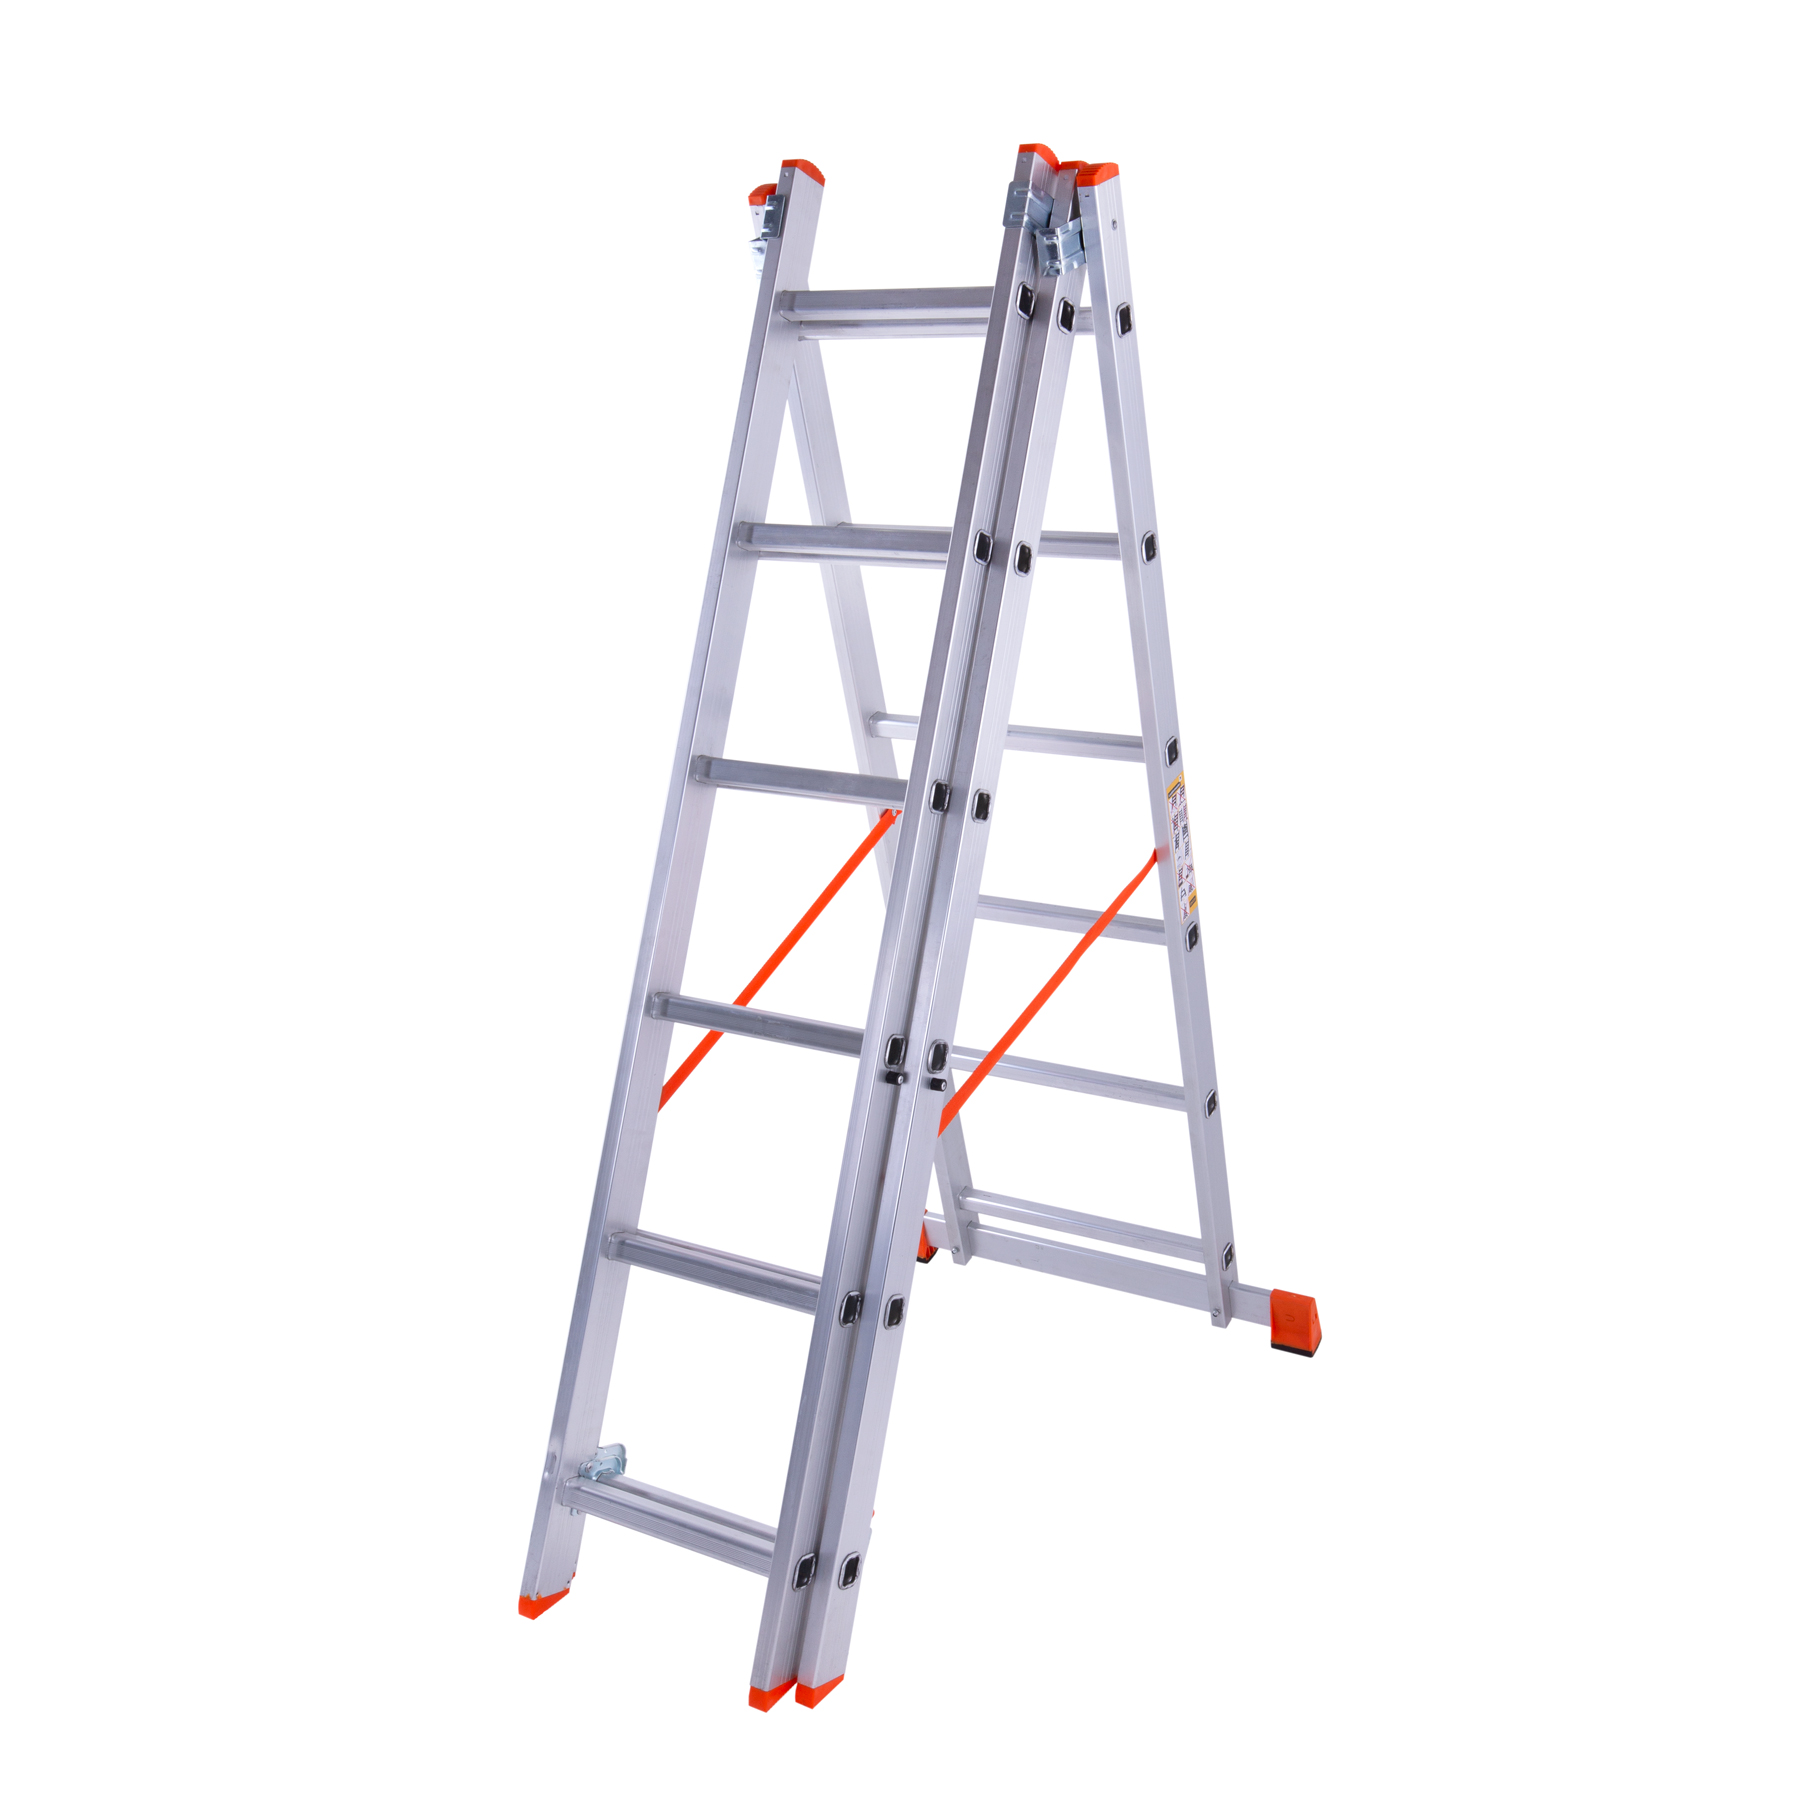 Лестница трехсекционная алюминиевая 3x6 ступенек